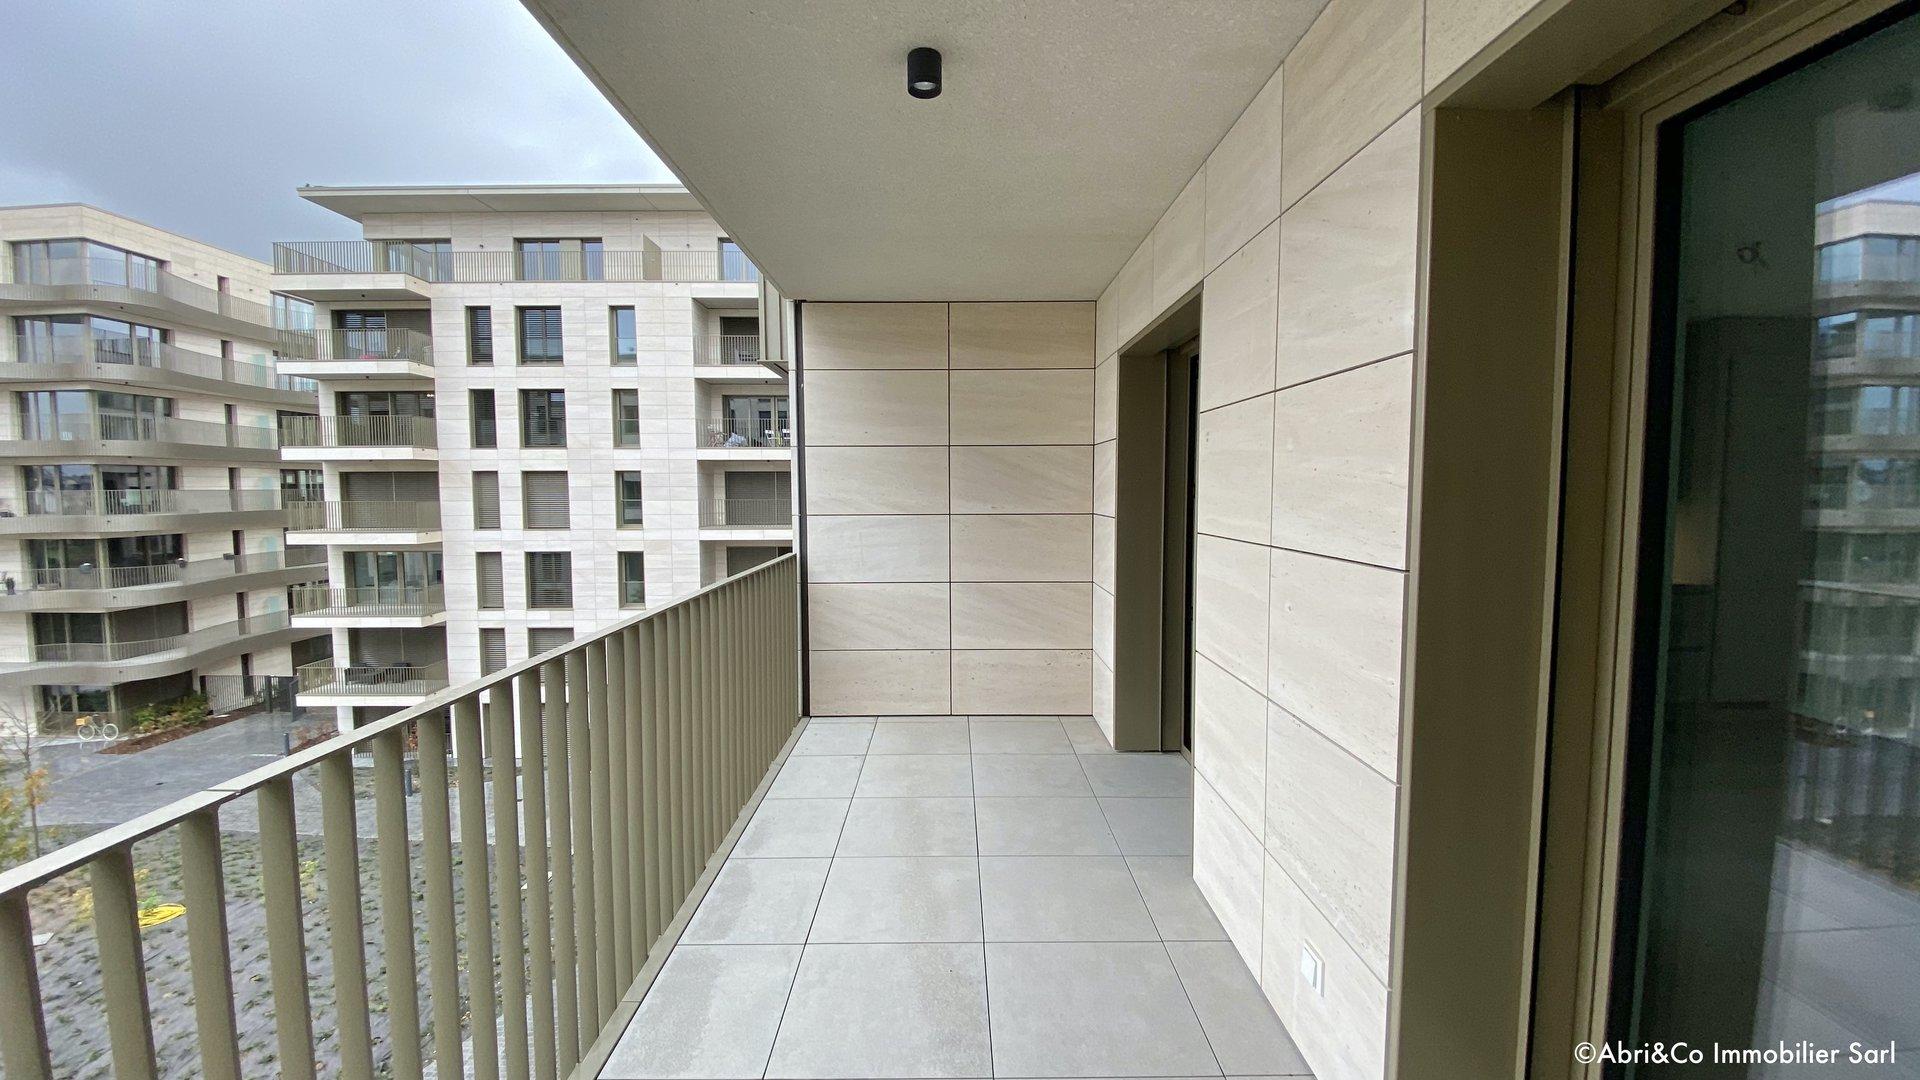 Appartement 2 chambres à louer à la Cloche d'Or